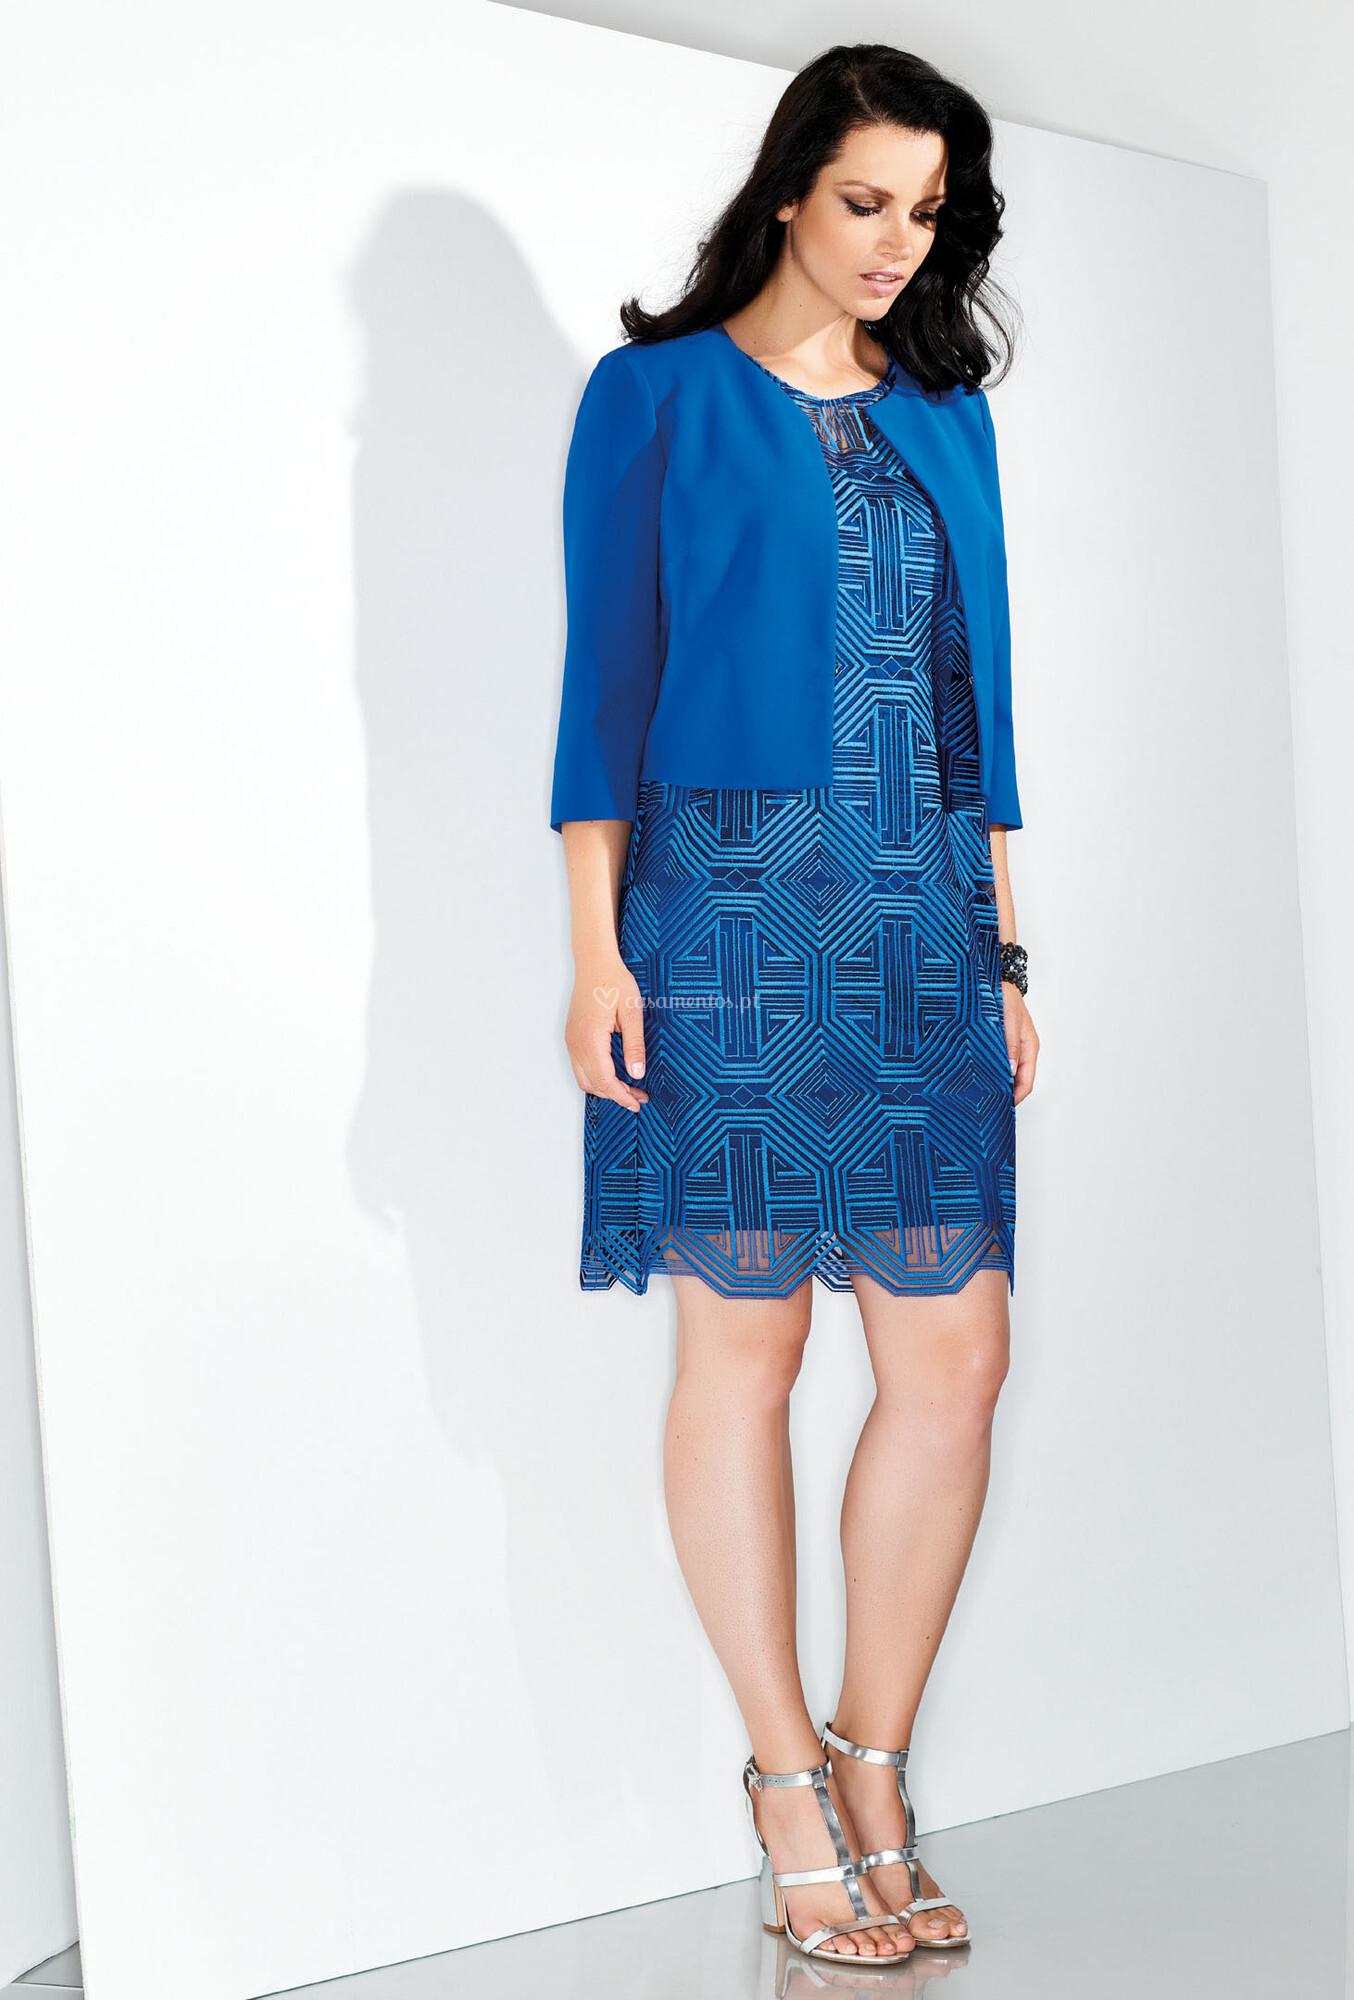 quality design 757fd 3787a Vestido de Festa de Elena Mirò - 161474-145